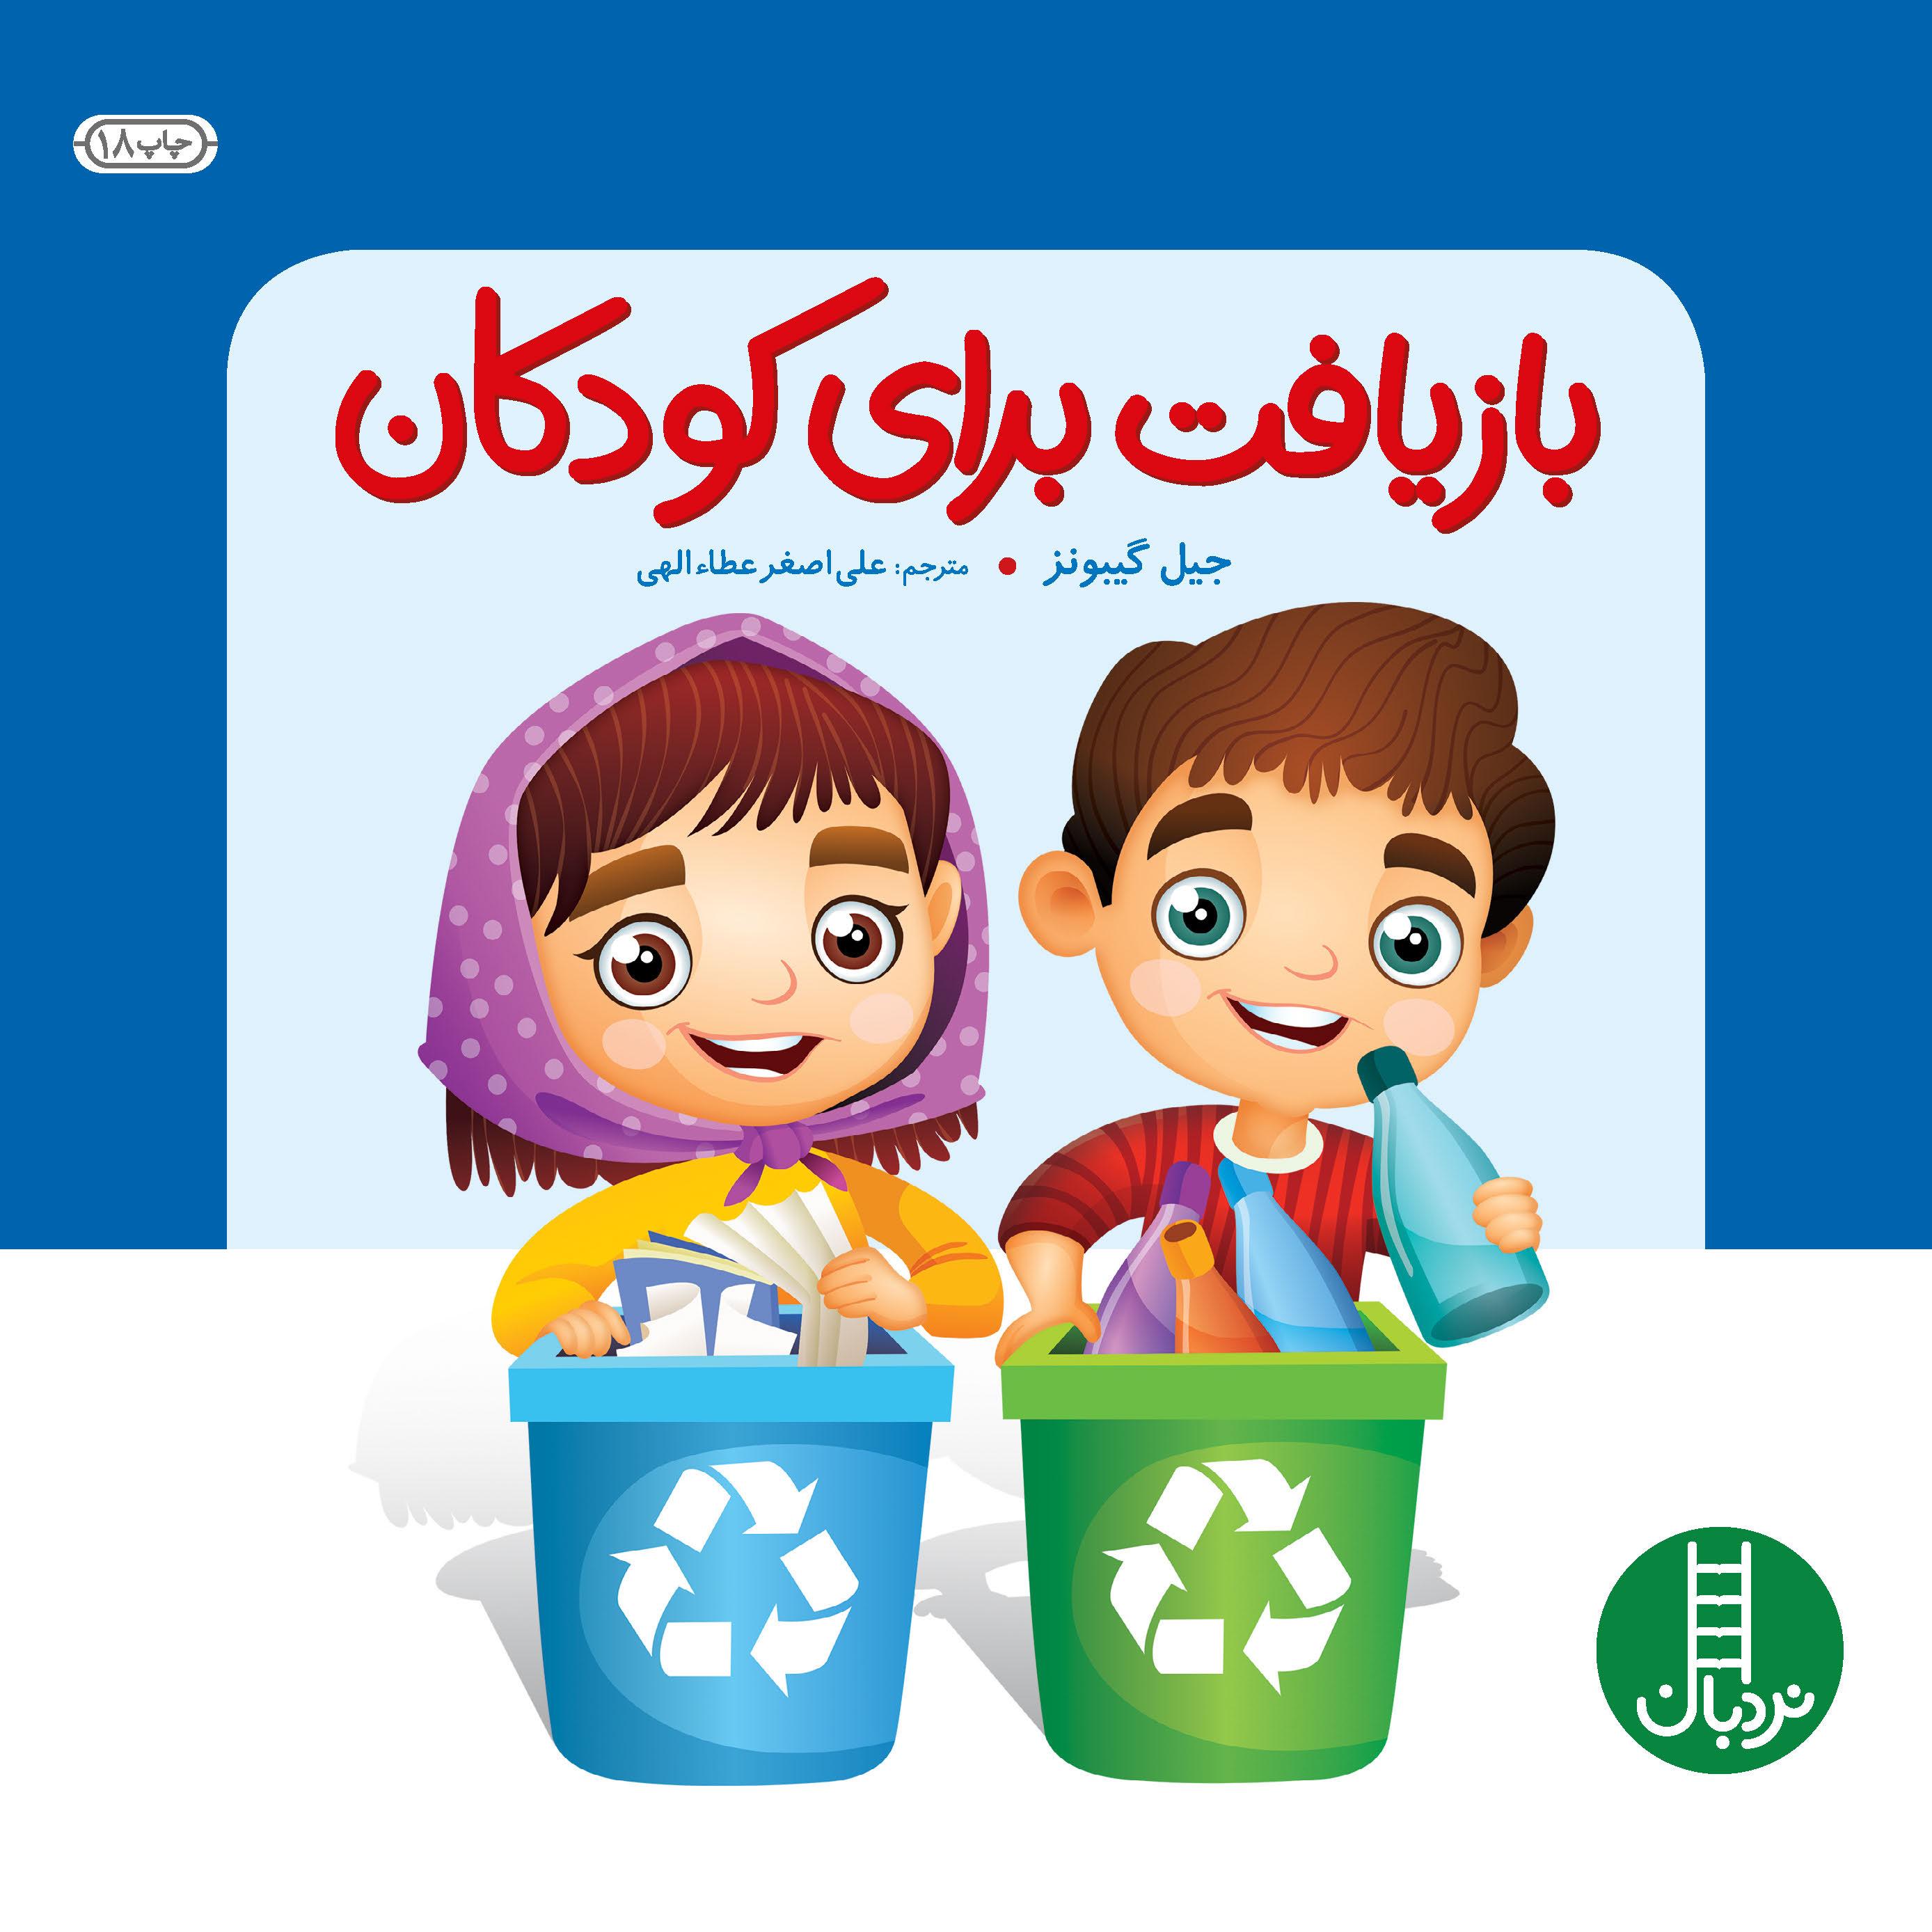 بازیافت برای کودکان